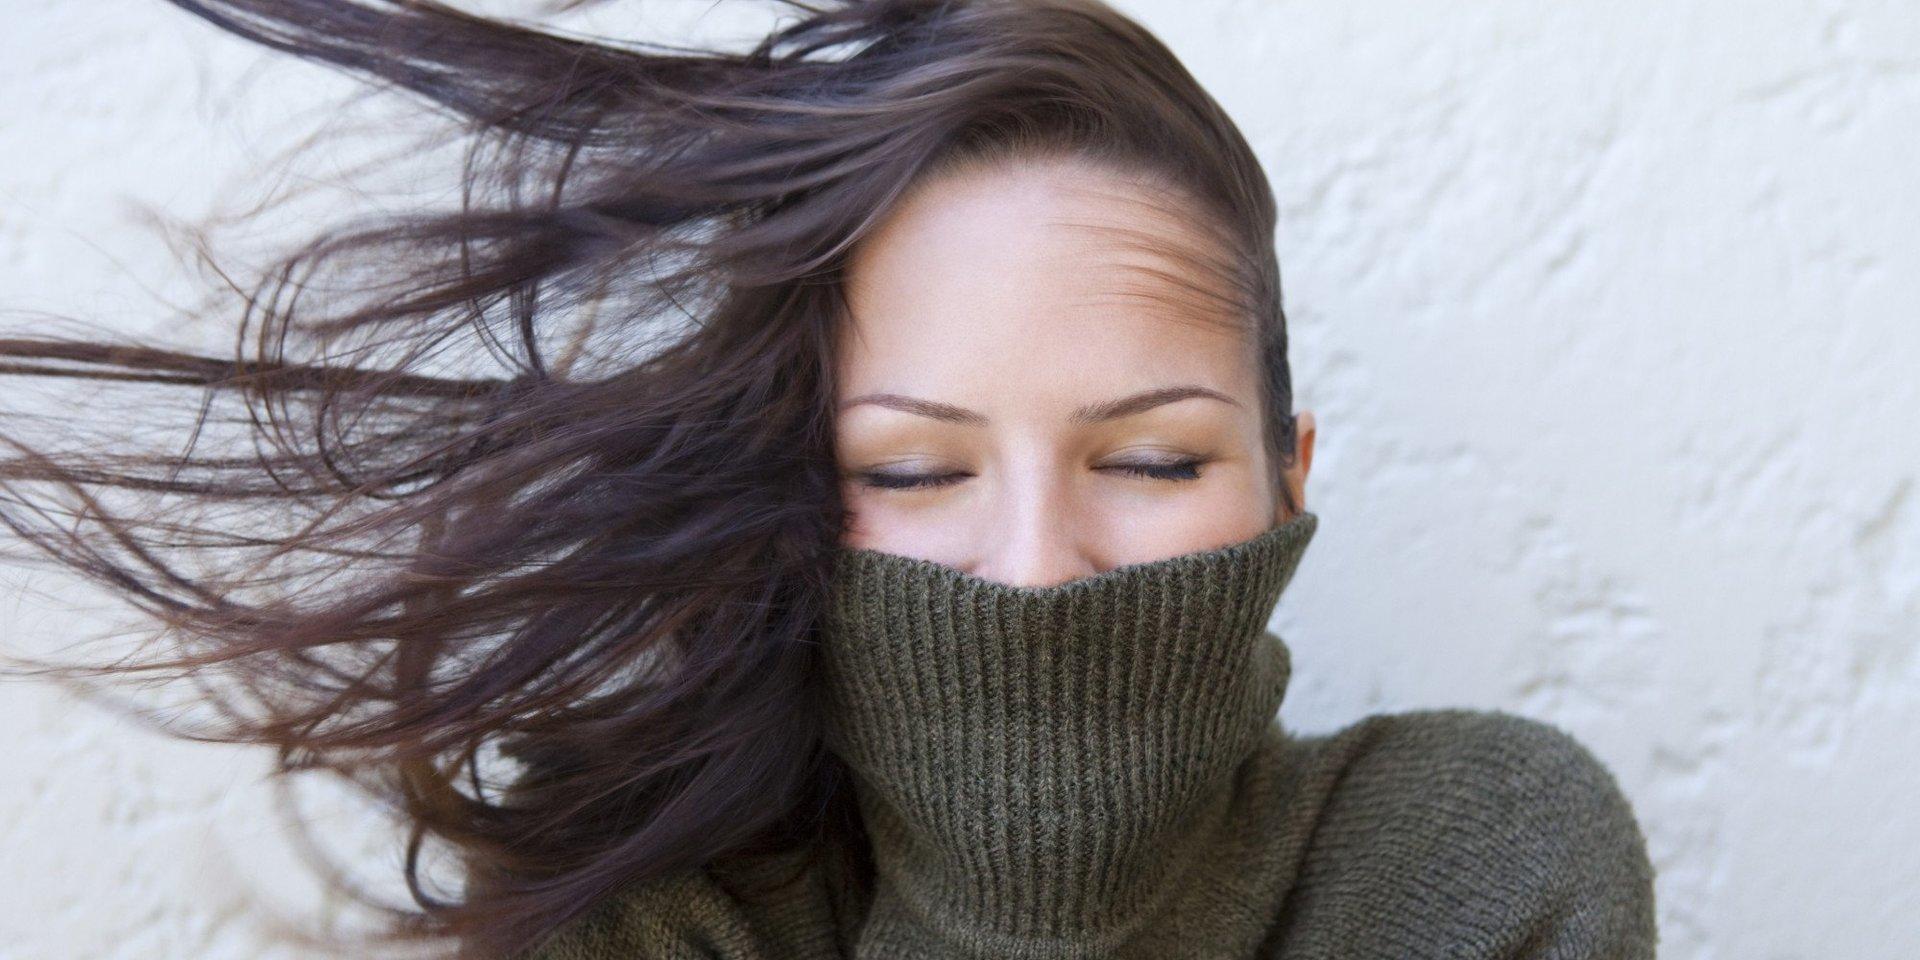 Hair Packs for Winter